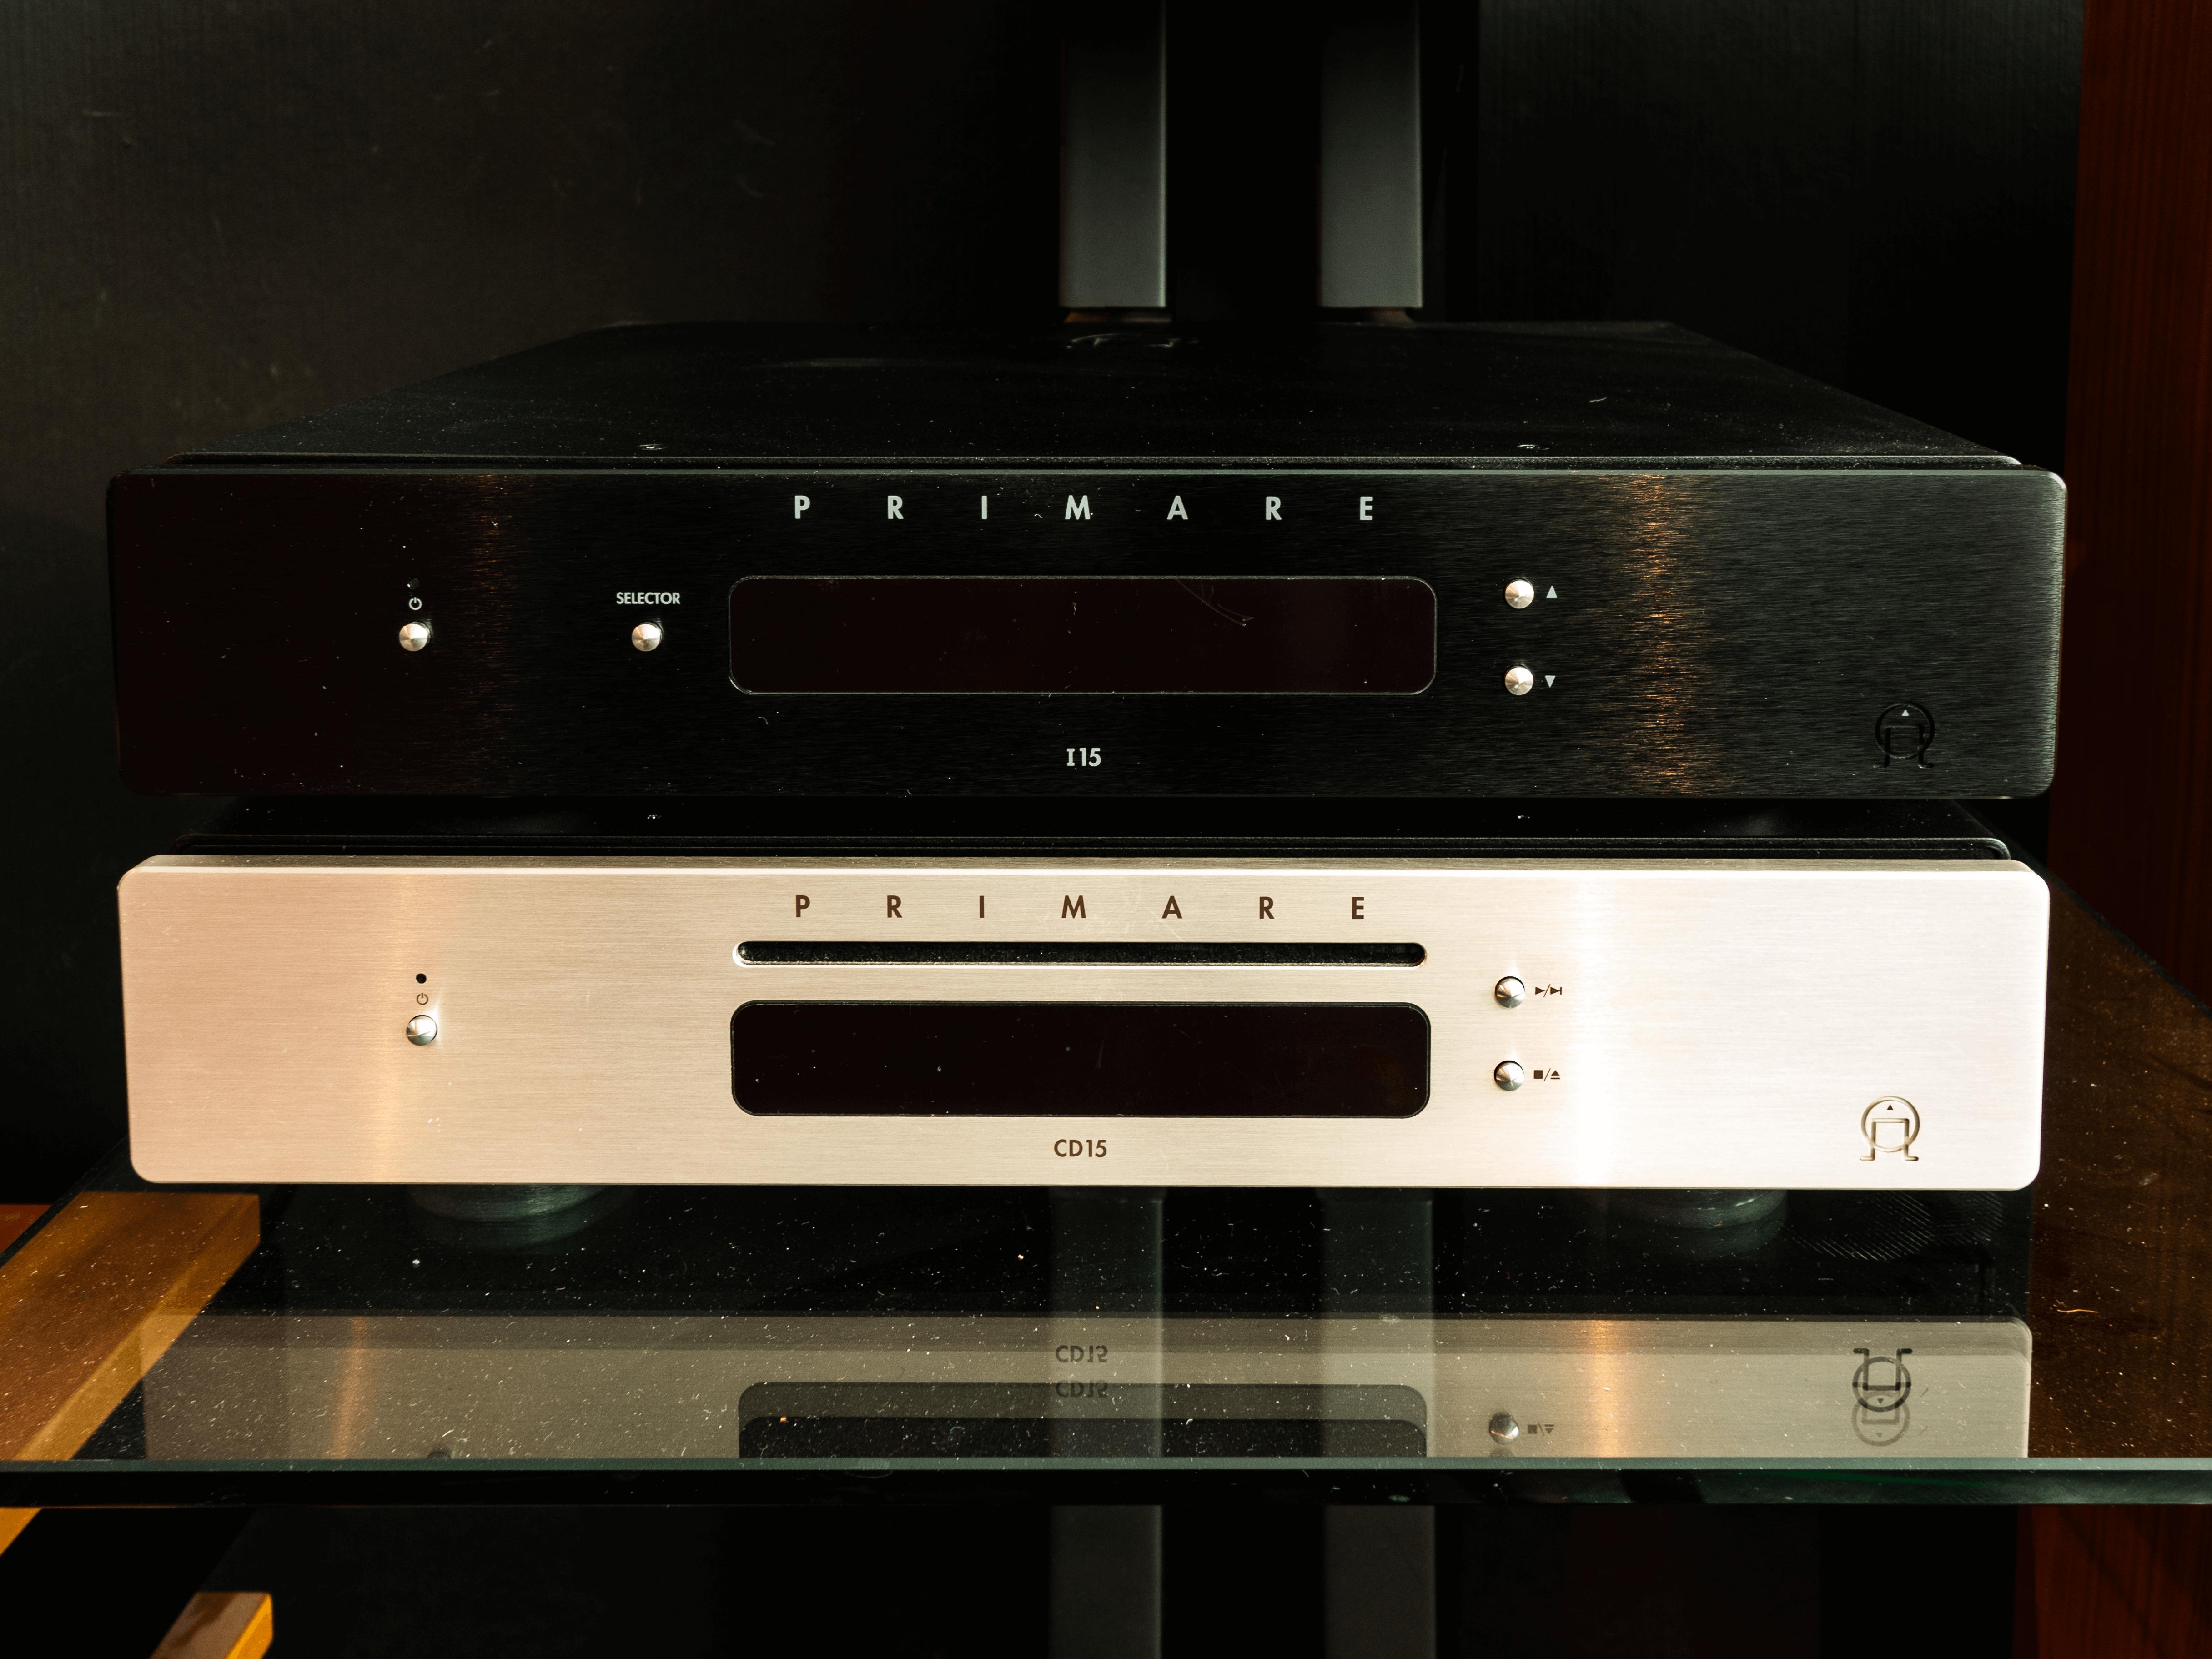 Primare i 15 1000-2000€( ampli intégré et lecteur réseau) / Primare CD15 1000-2000€  ( lecteur cd)